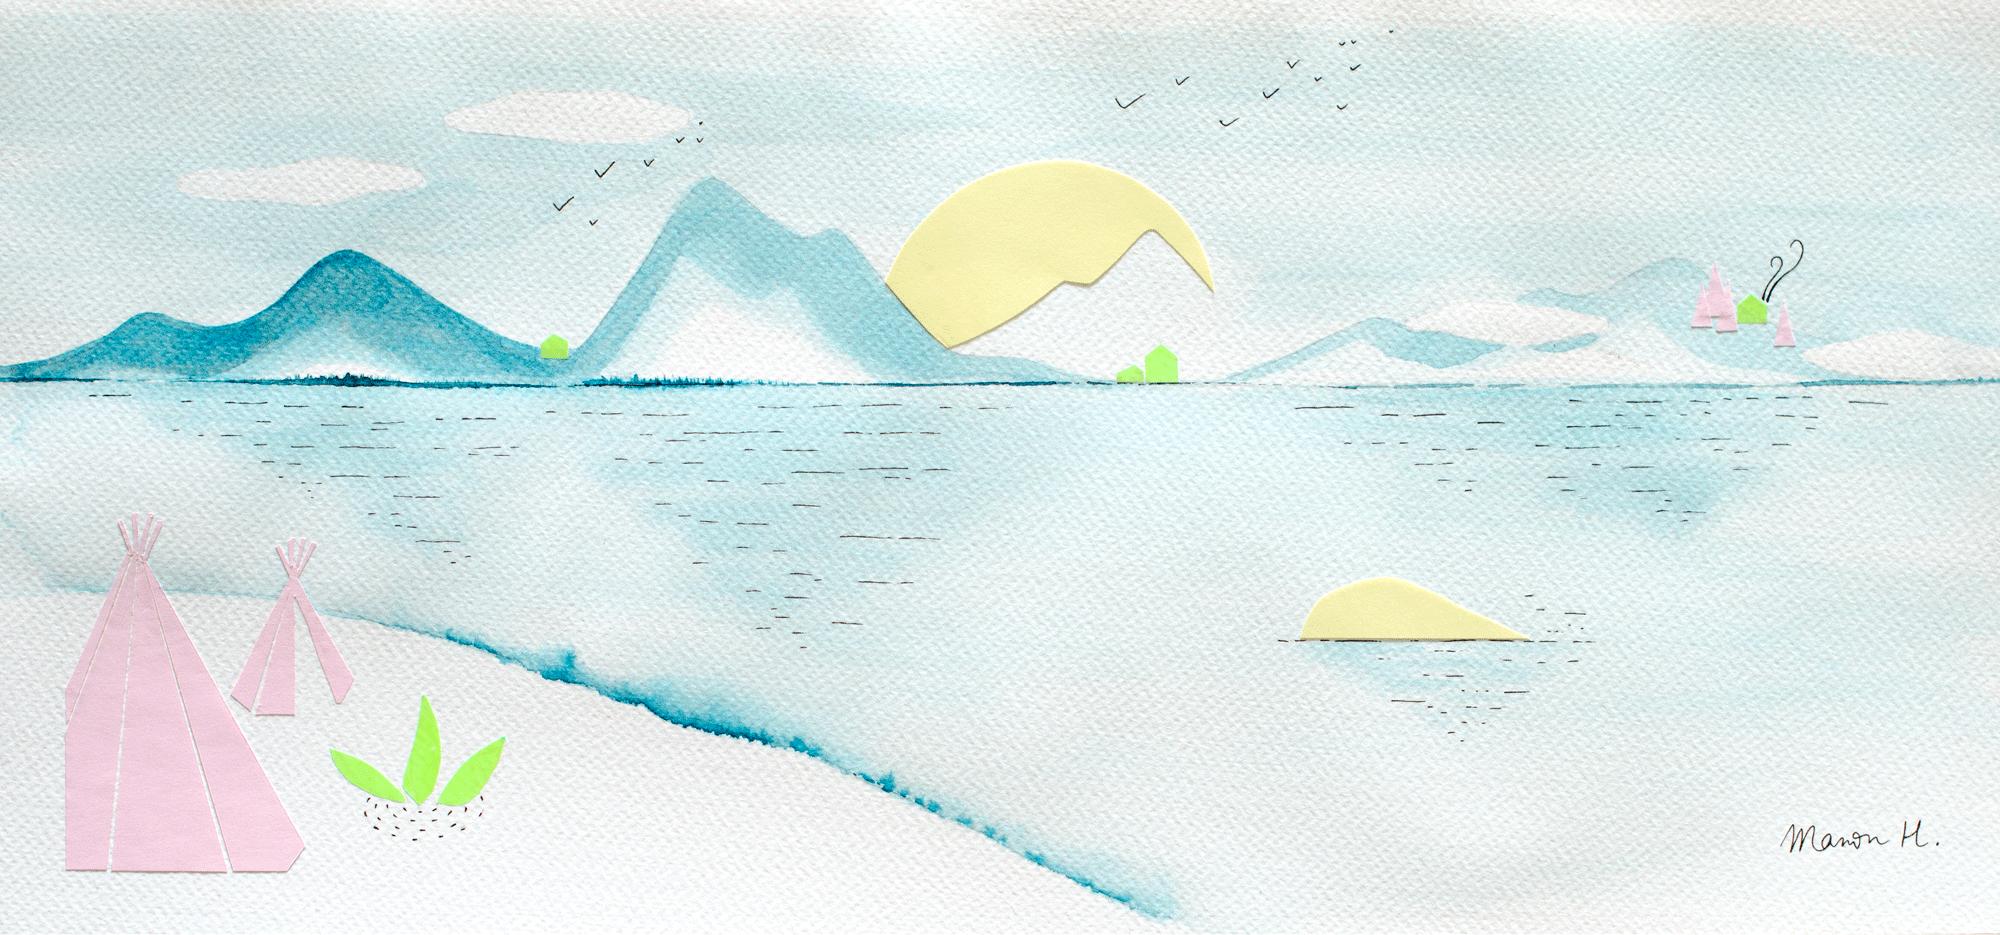 Aquarelle - Manon H